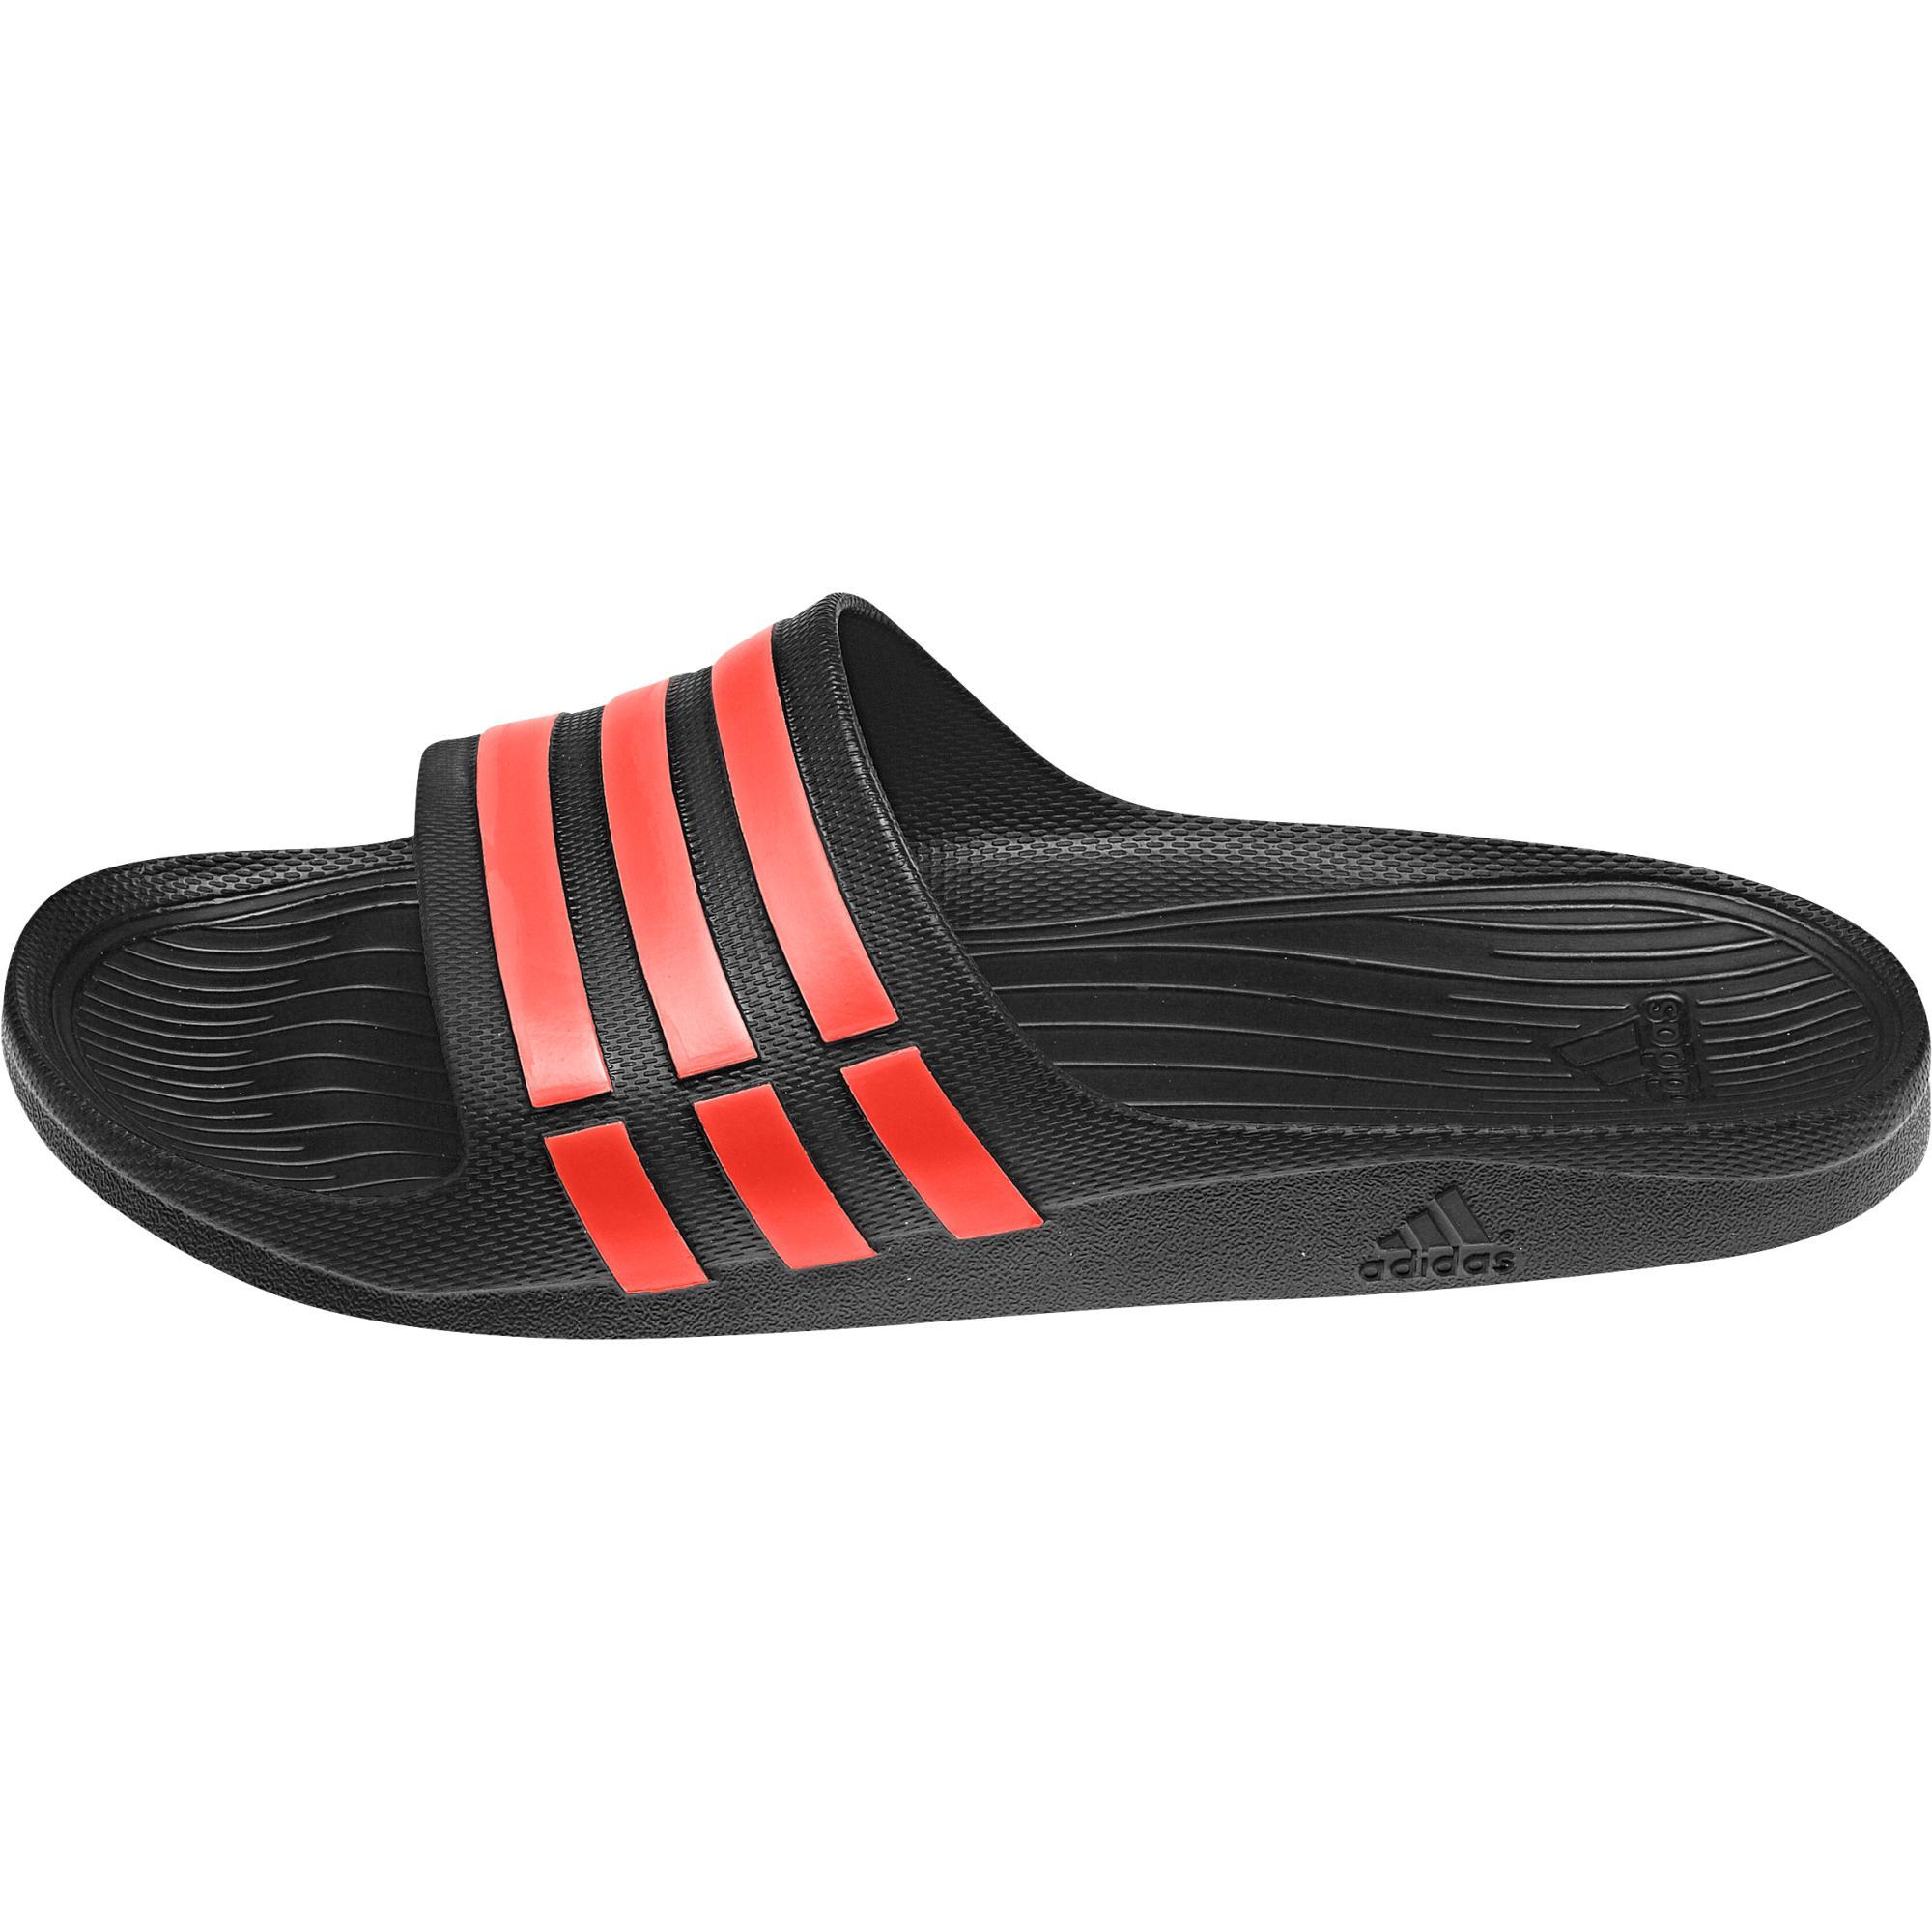 borde Excesivo Y  Chanclas Adidas Duramo Slide (negro/rojo) - manelsanchez.com